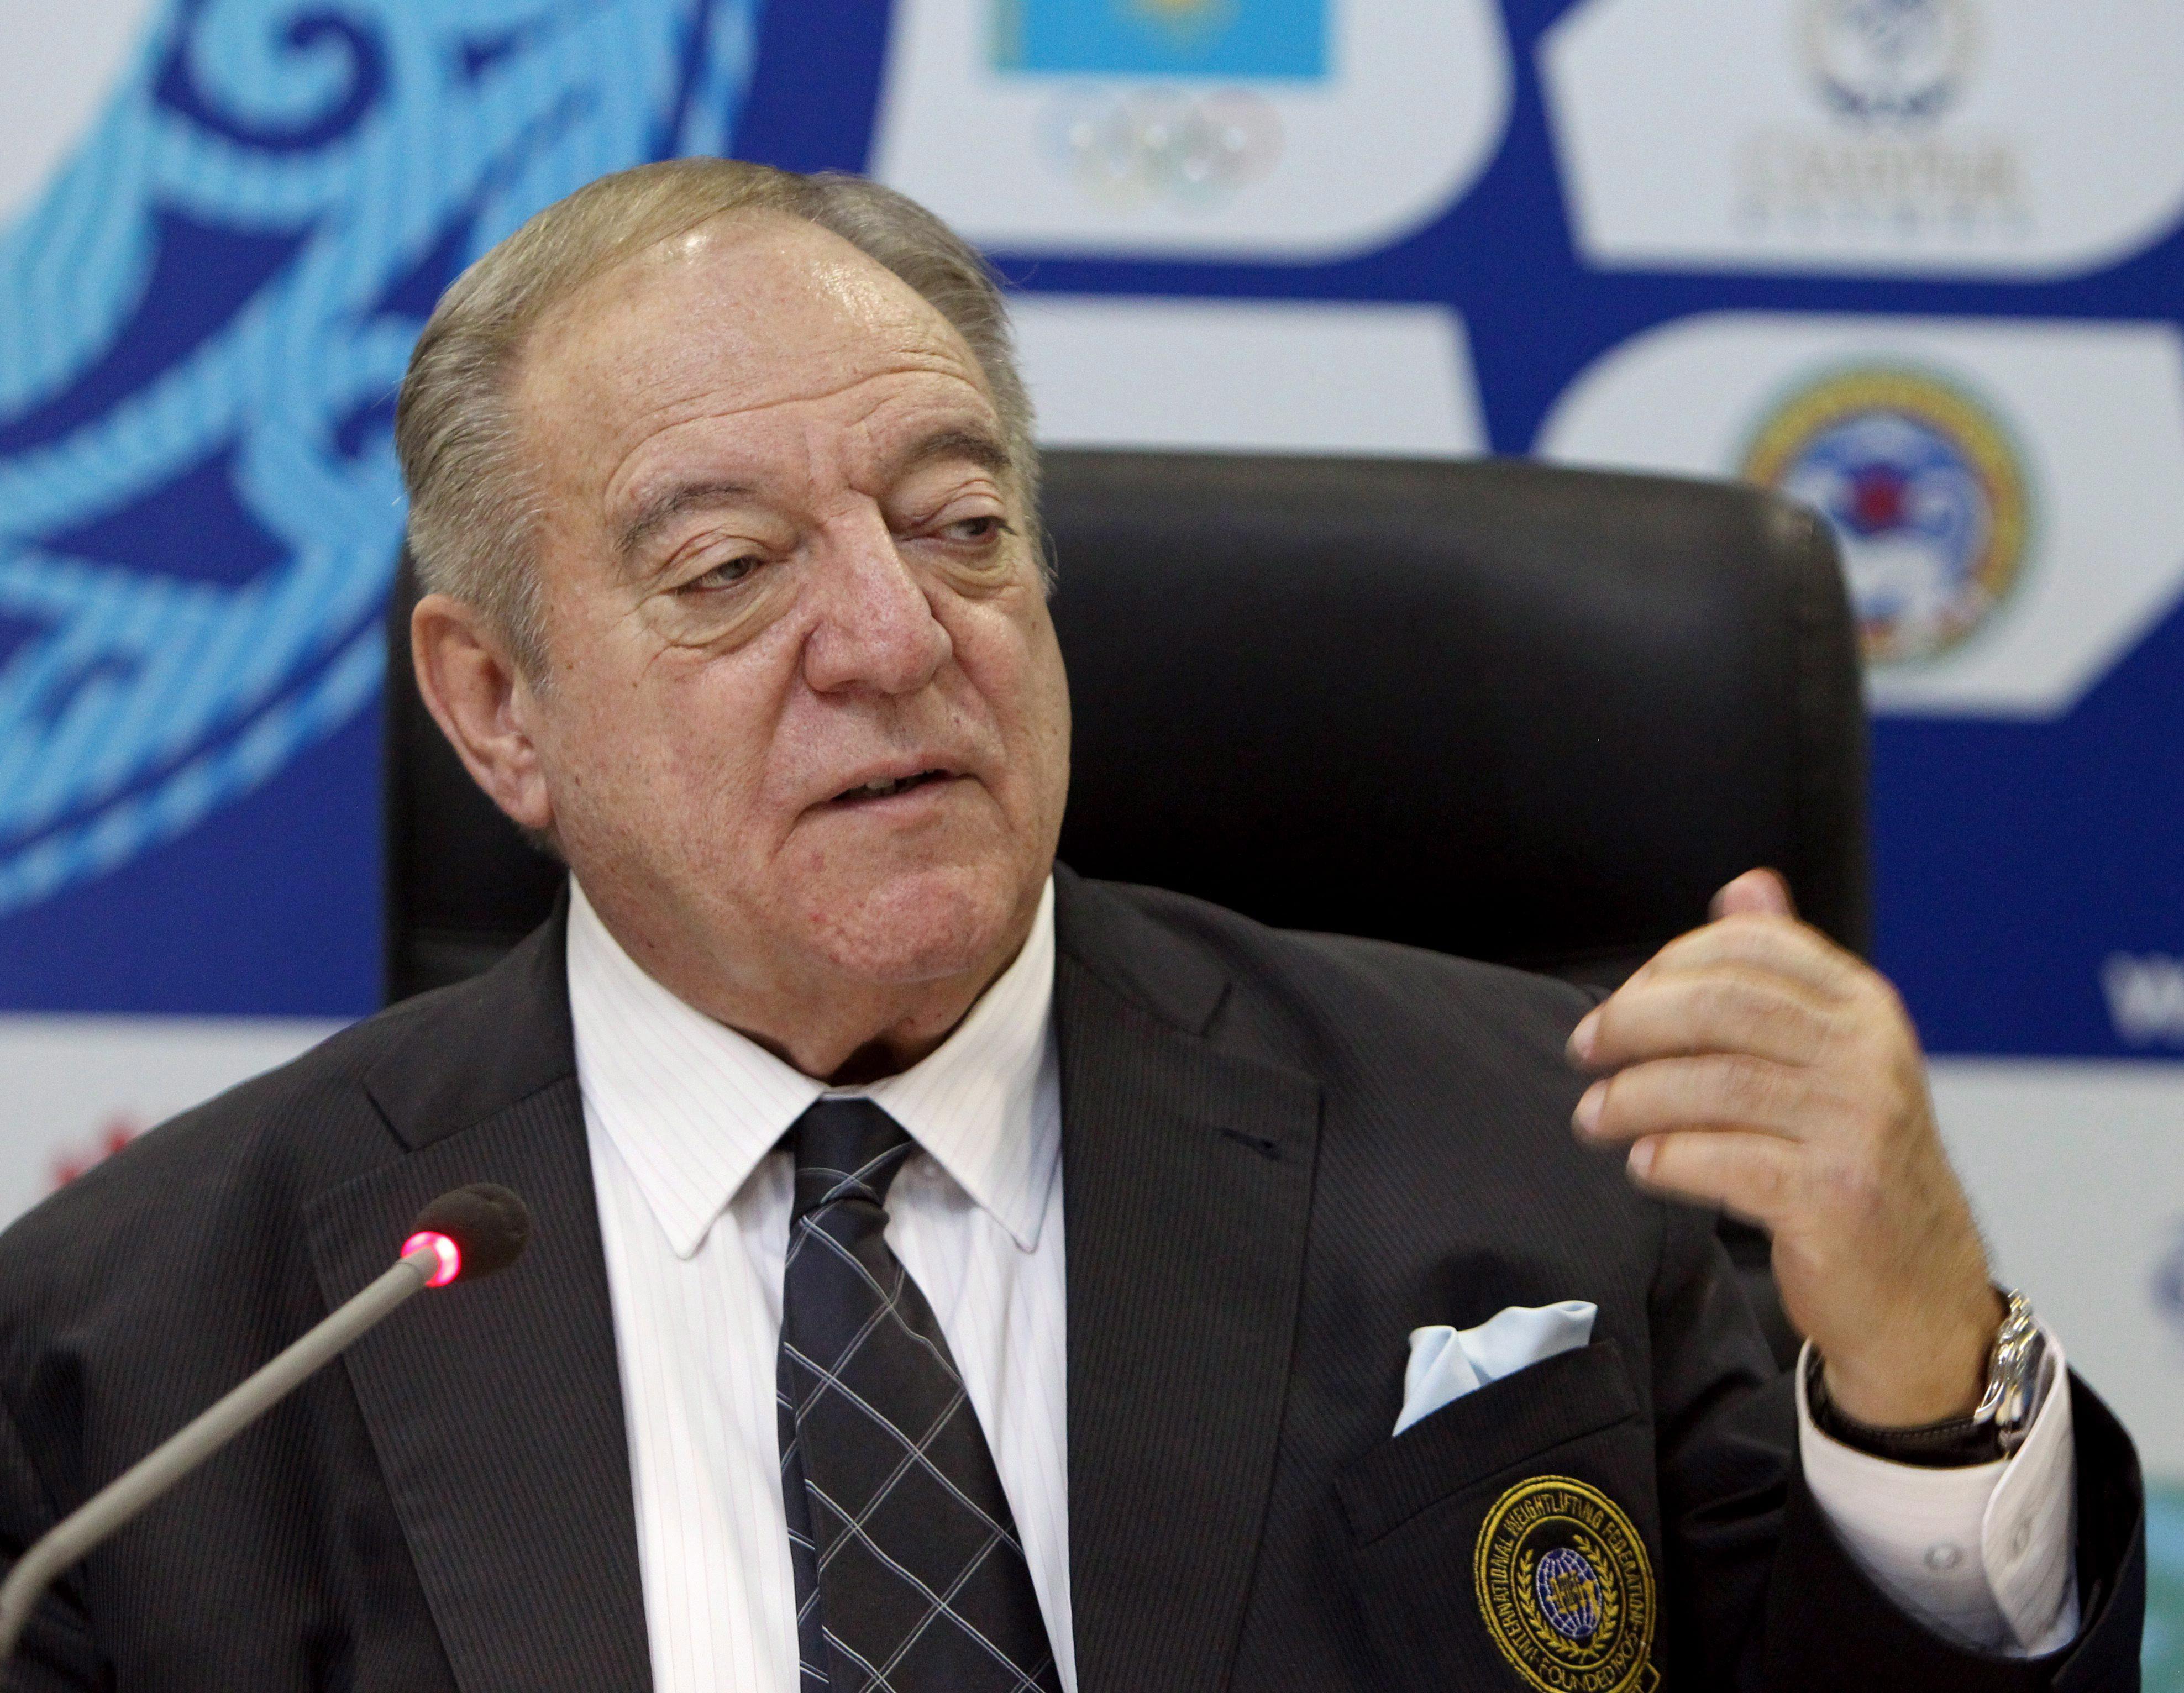 Gewichtheber-Präsident Aján tritt nach Doping- und Korruptionsvorwürfen  zurück post's picture